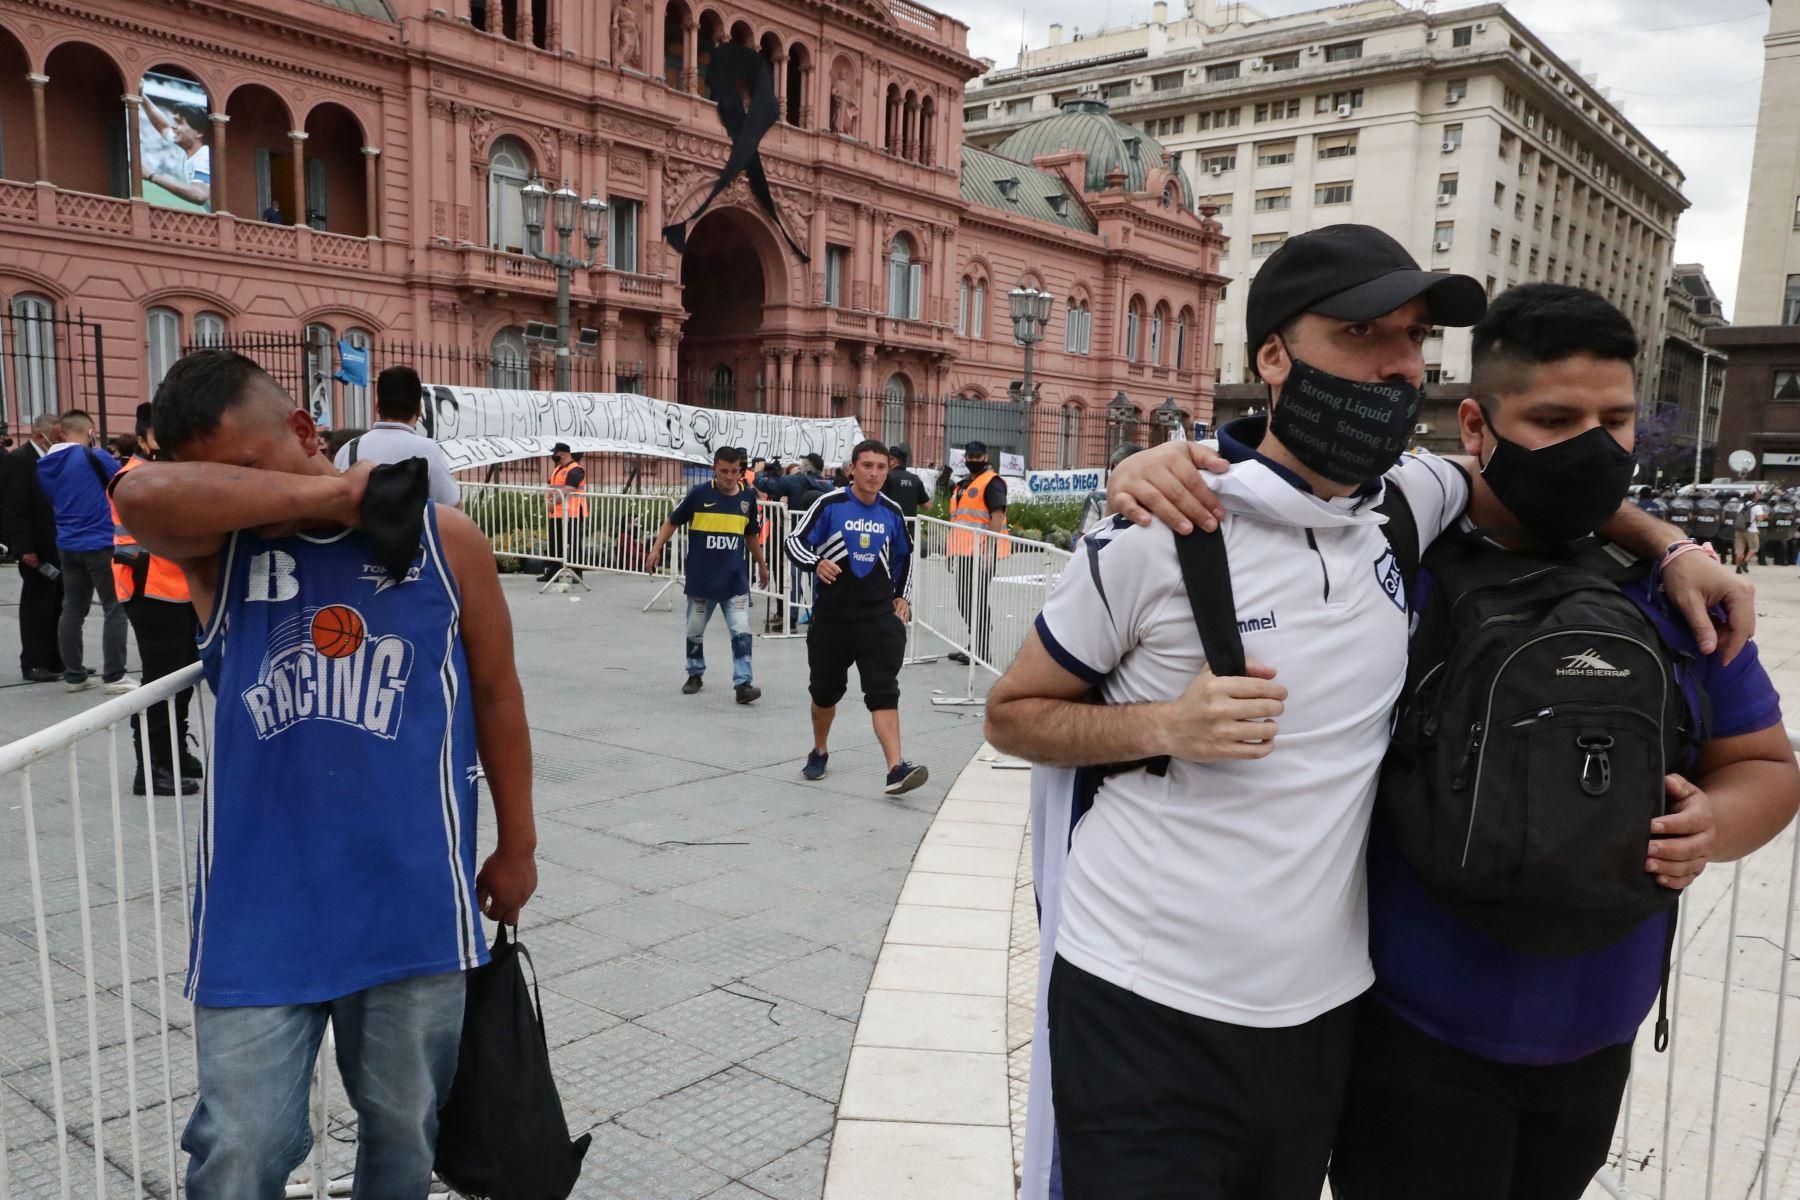 La gente reacciona al salir  del palacio presidencial en Buenos Aires después de rendir homenaje al féretro de la leyenda del fútbol Diego Maradona. Foto:AFP